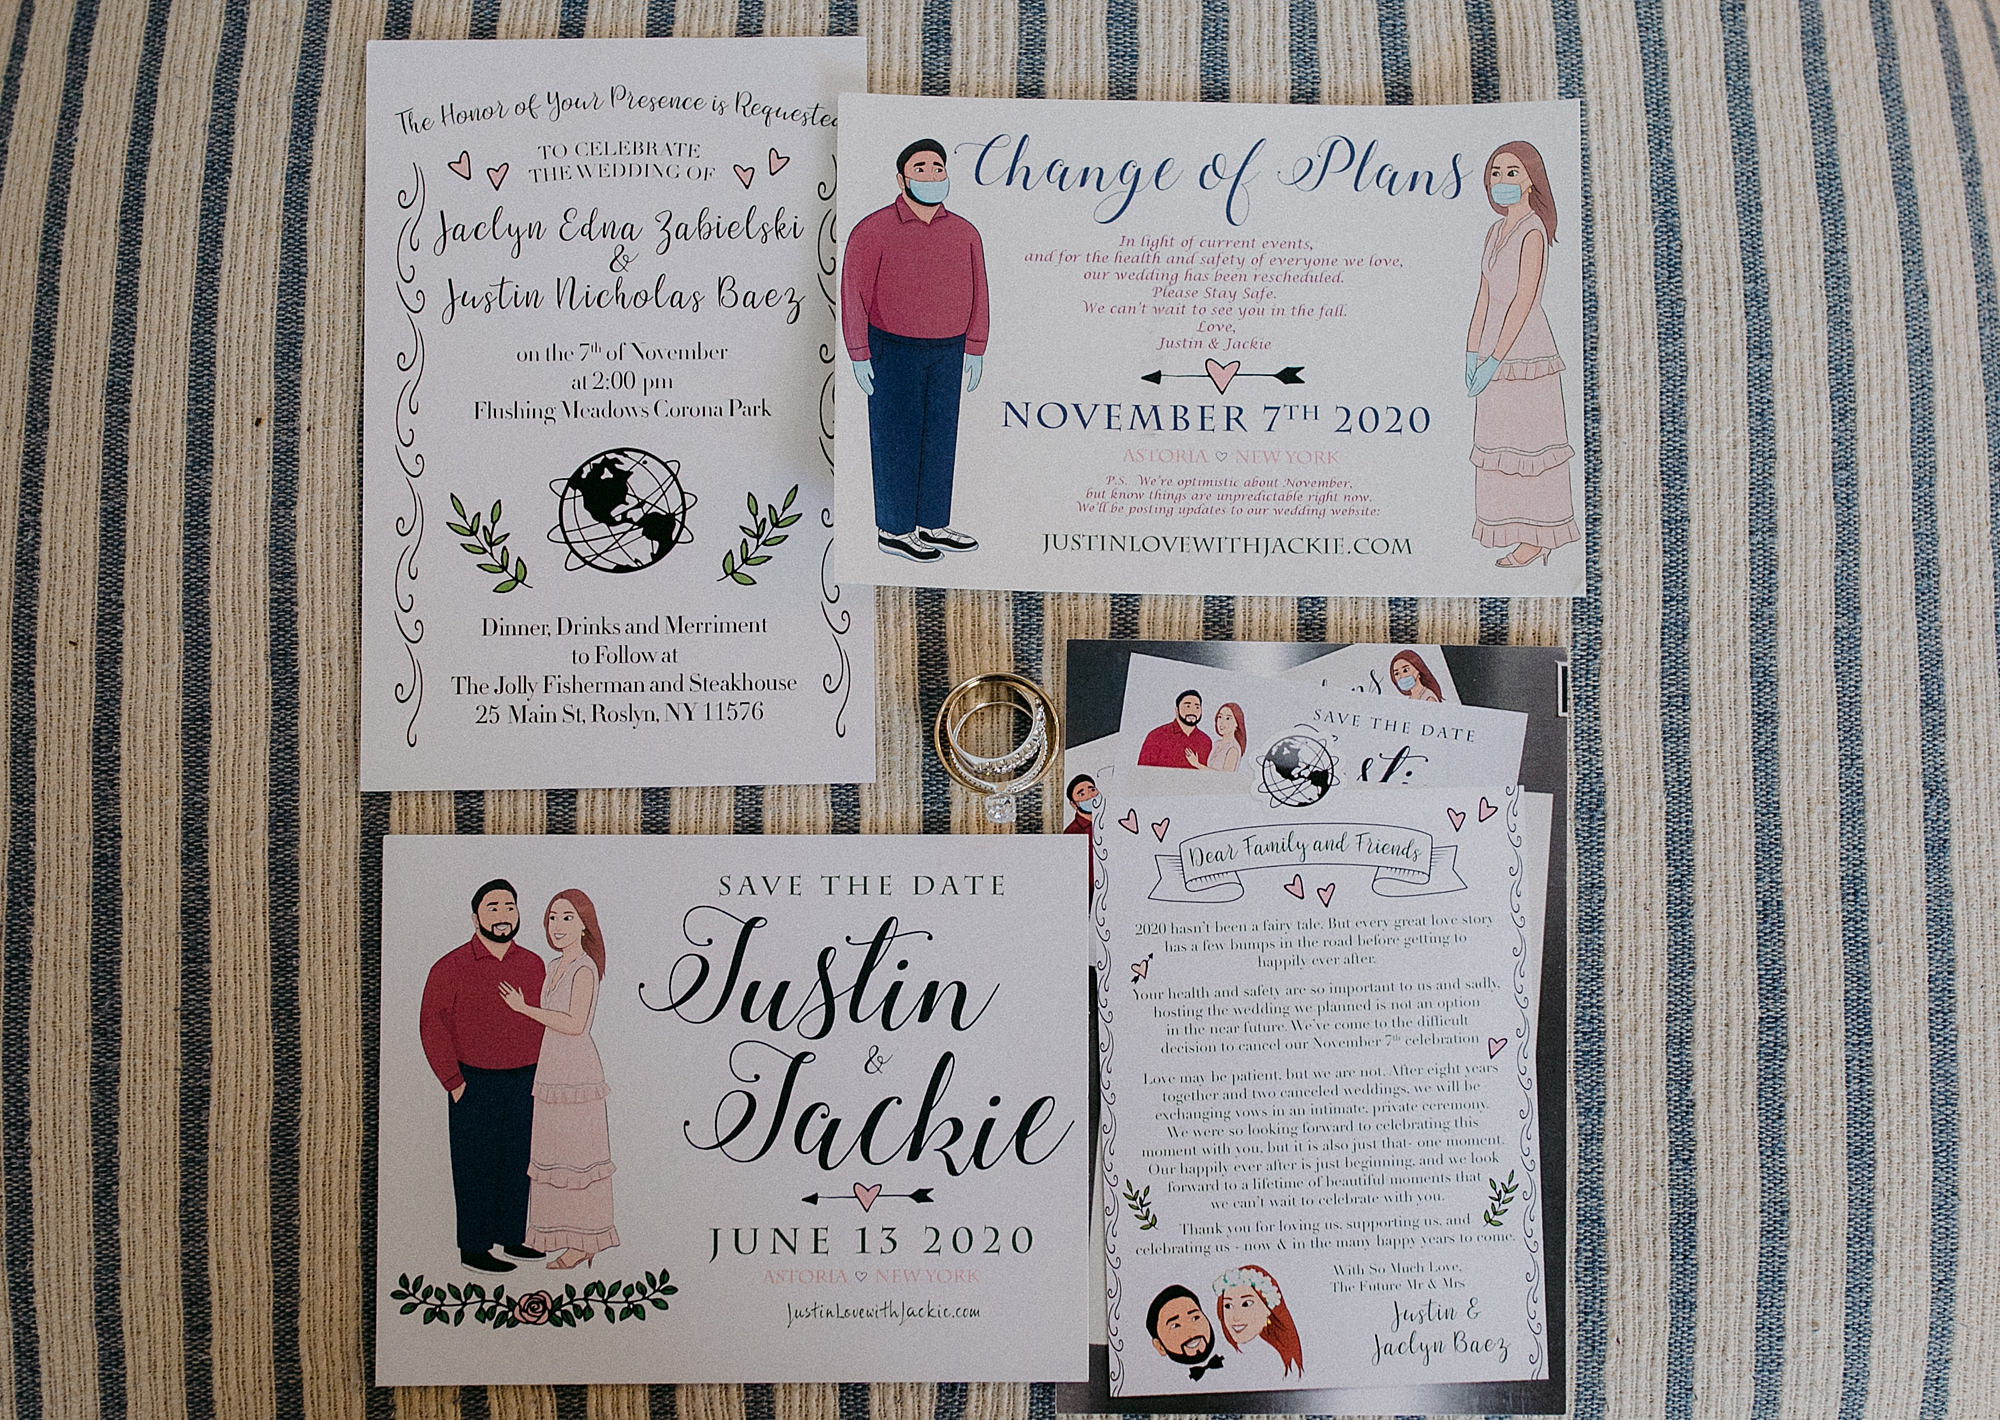 Sasha Chou Photography WeddingWire Couples' Choice Awards 2021